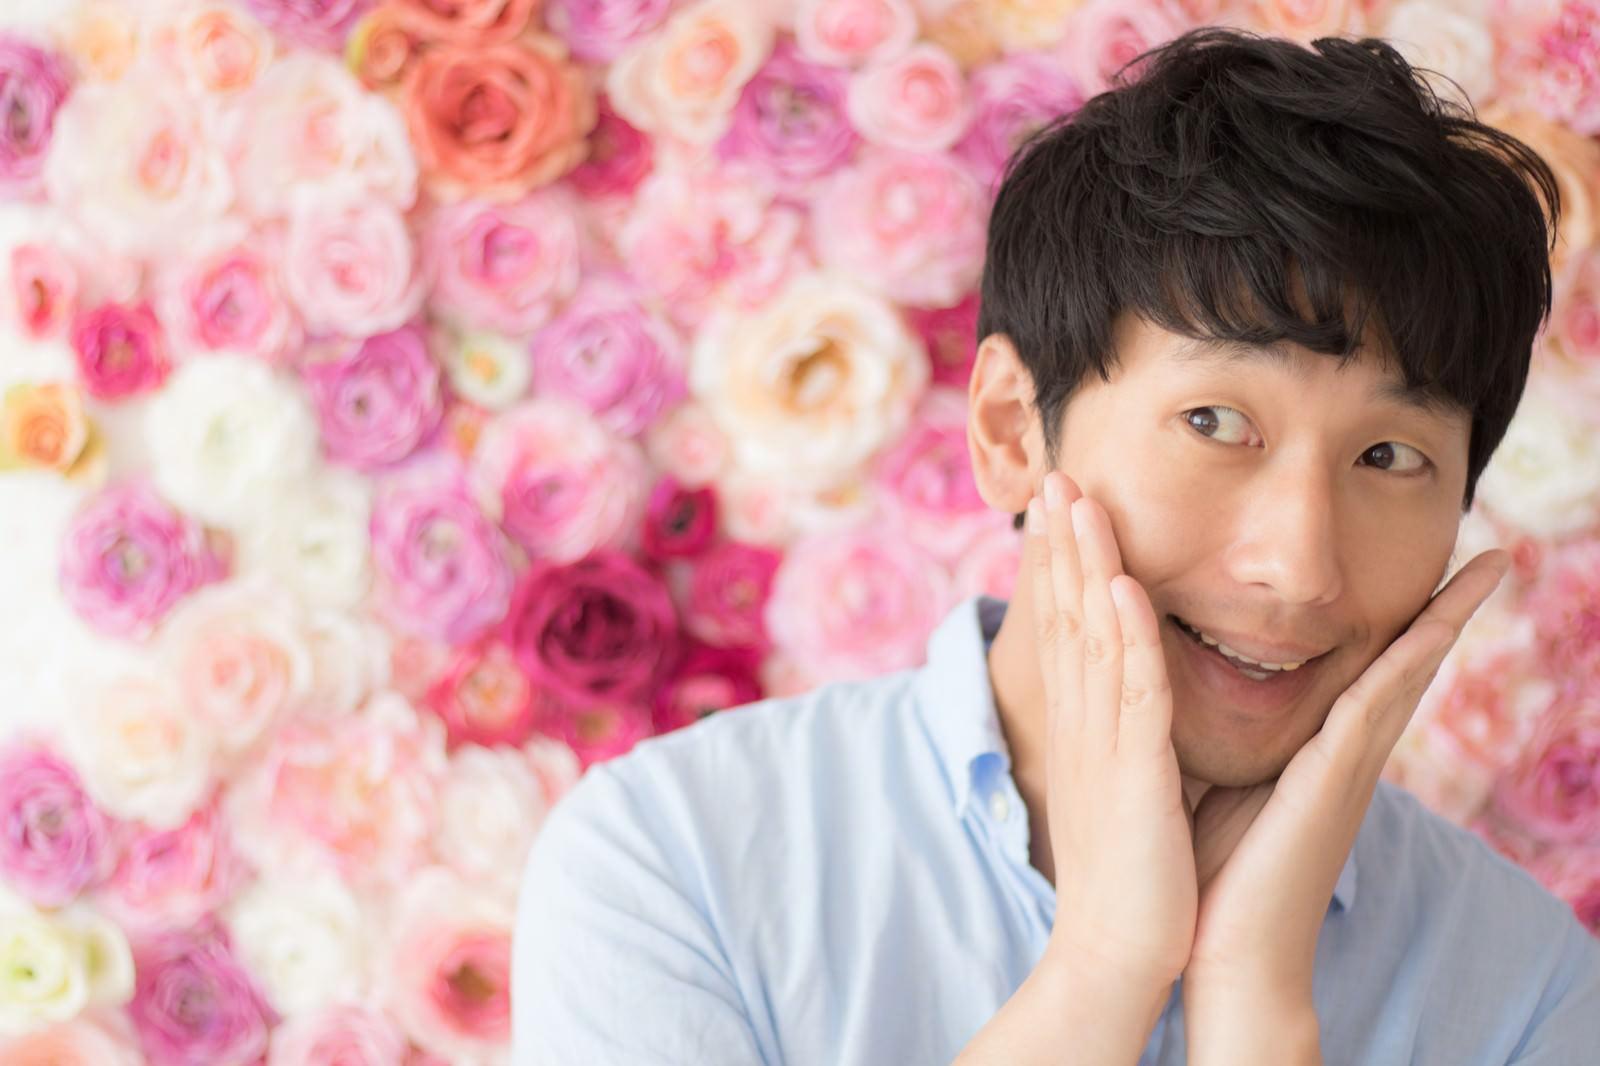 「幸せに包まれた男性幸せに包まれた男性」[モデル:大川竜弥]のフリー写真素材を拡大